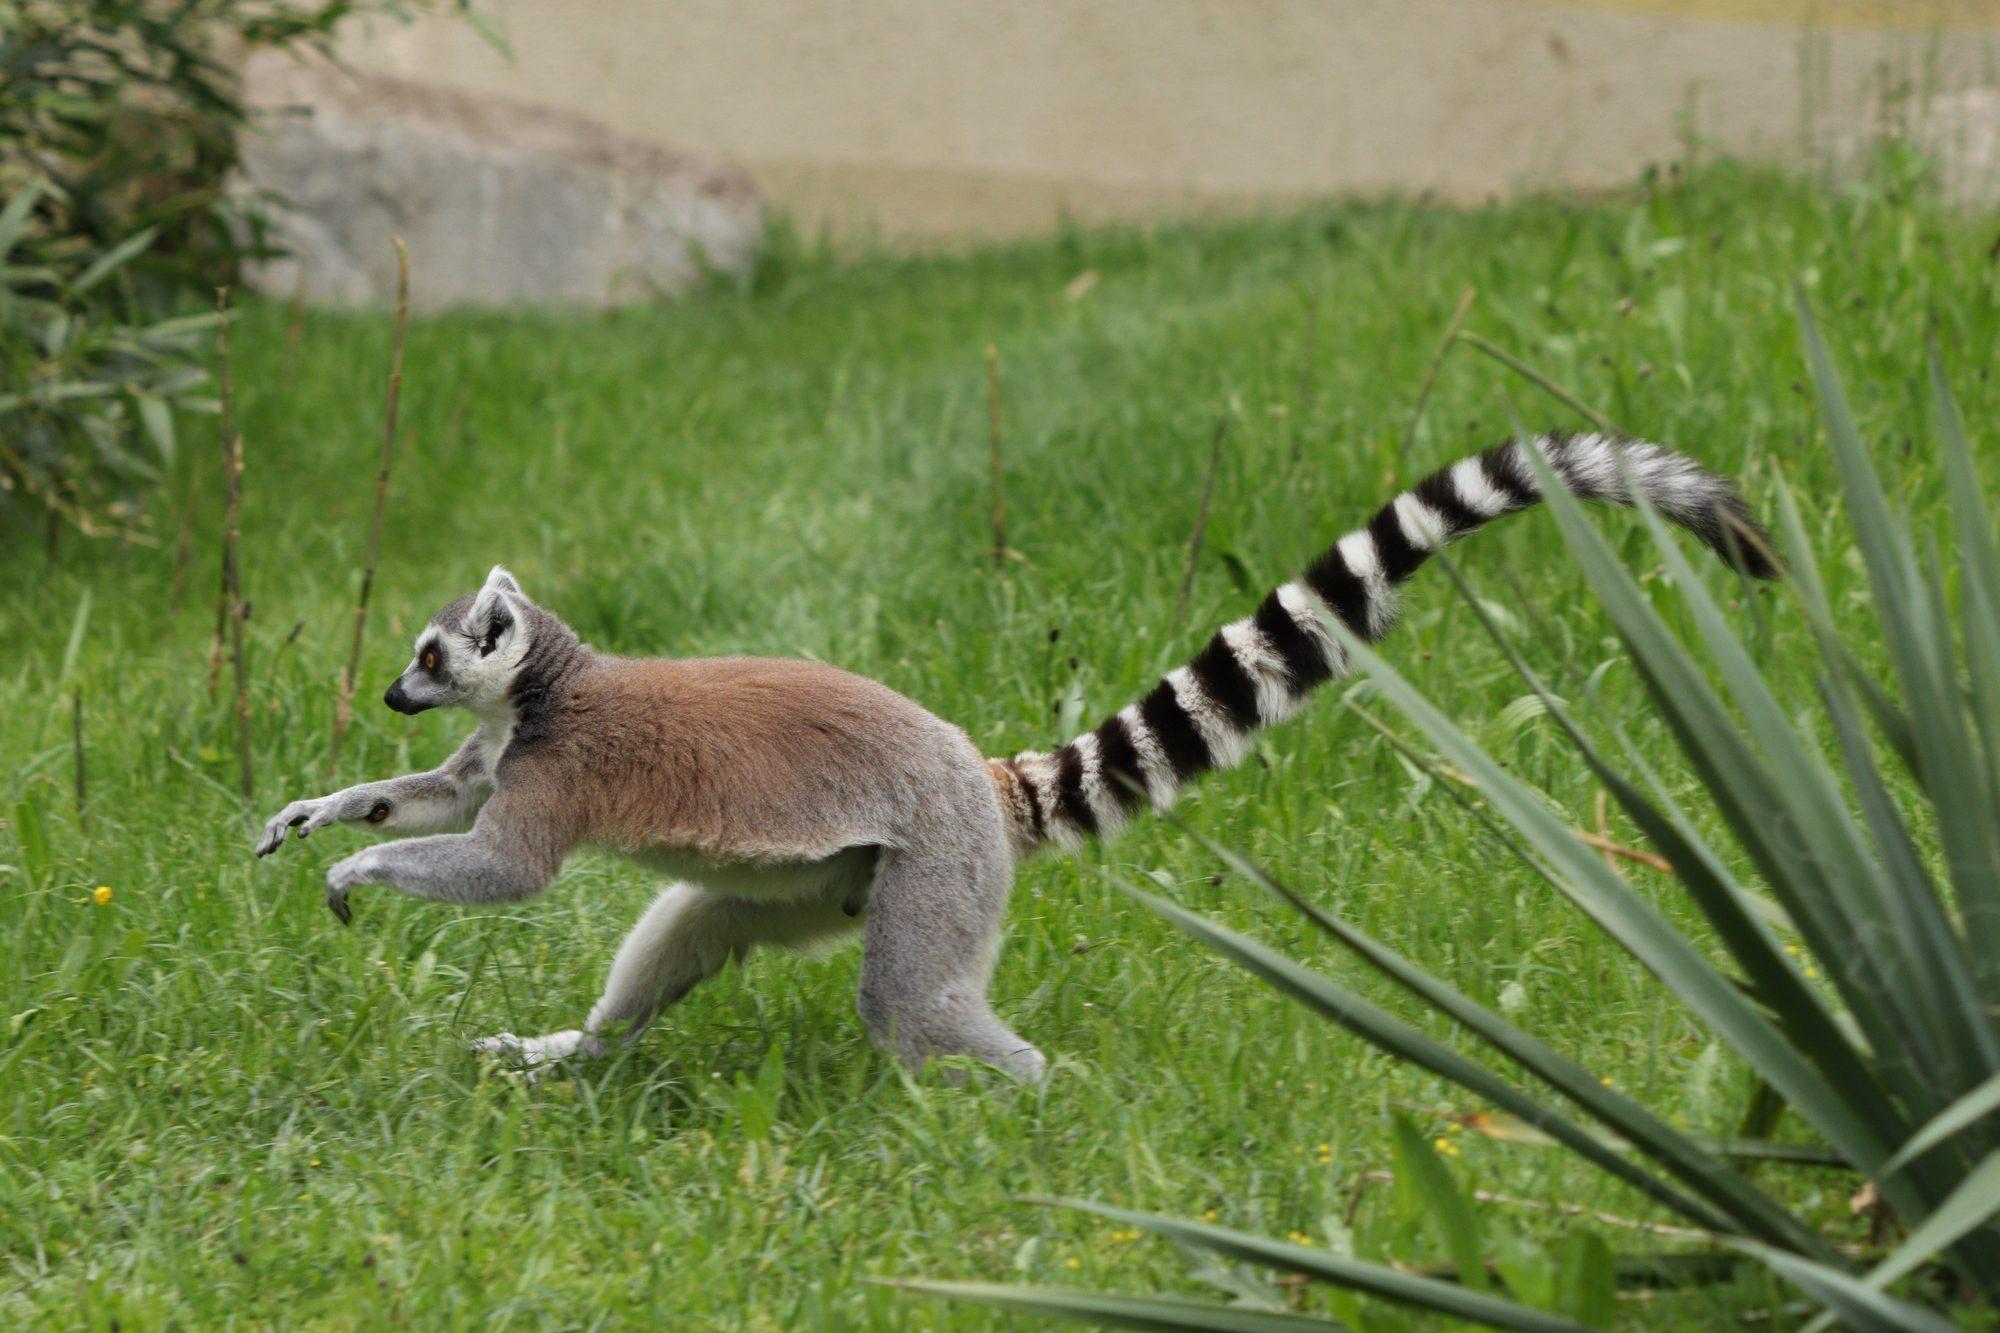 Katta im Zoo Augsburg